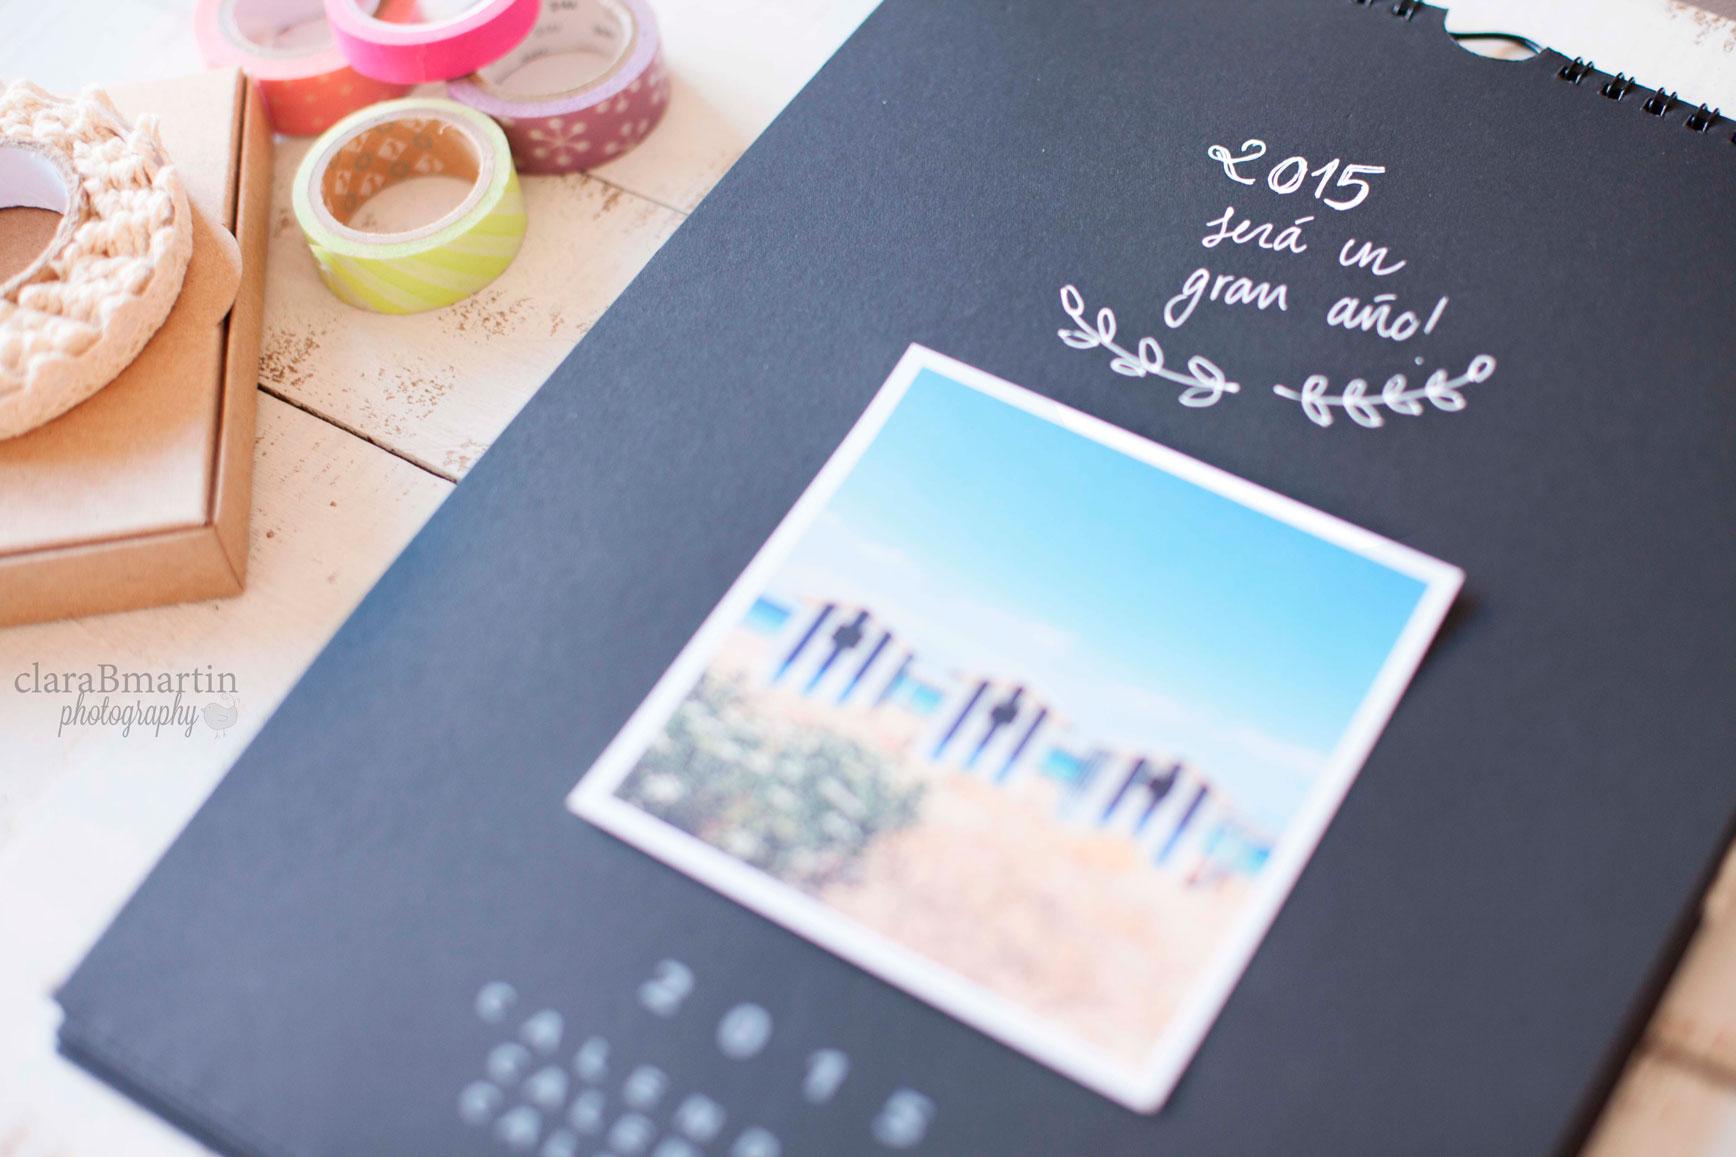 Calendario-DIY_claraBmartin13